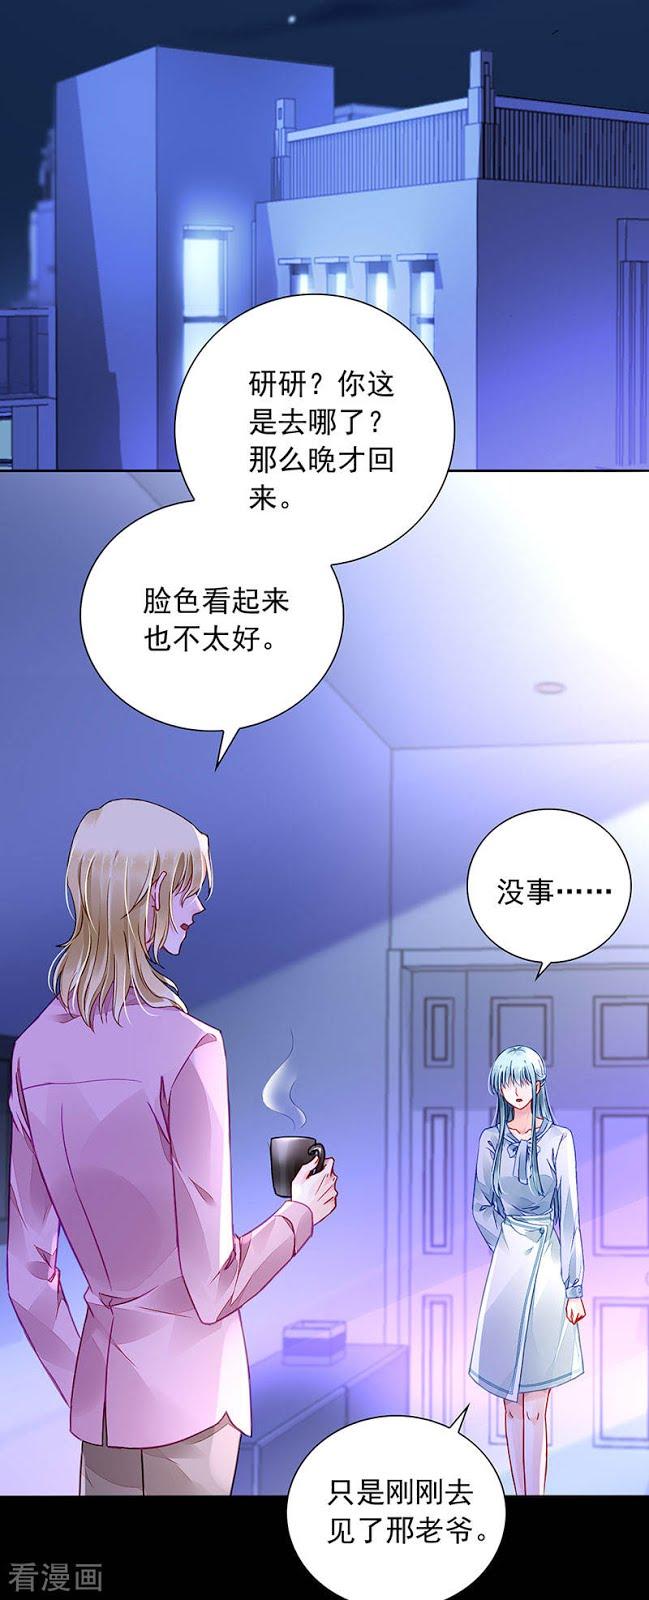 落難千金的逆襲: 203話 煜城不見了?! - 第2页